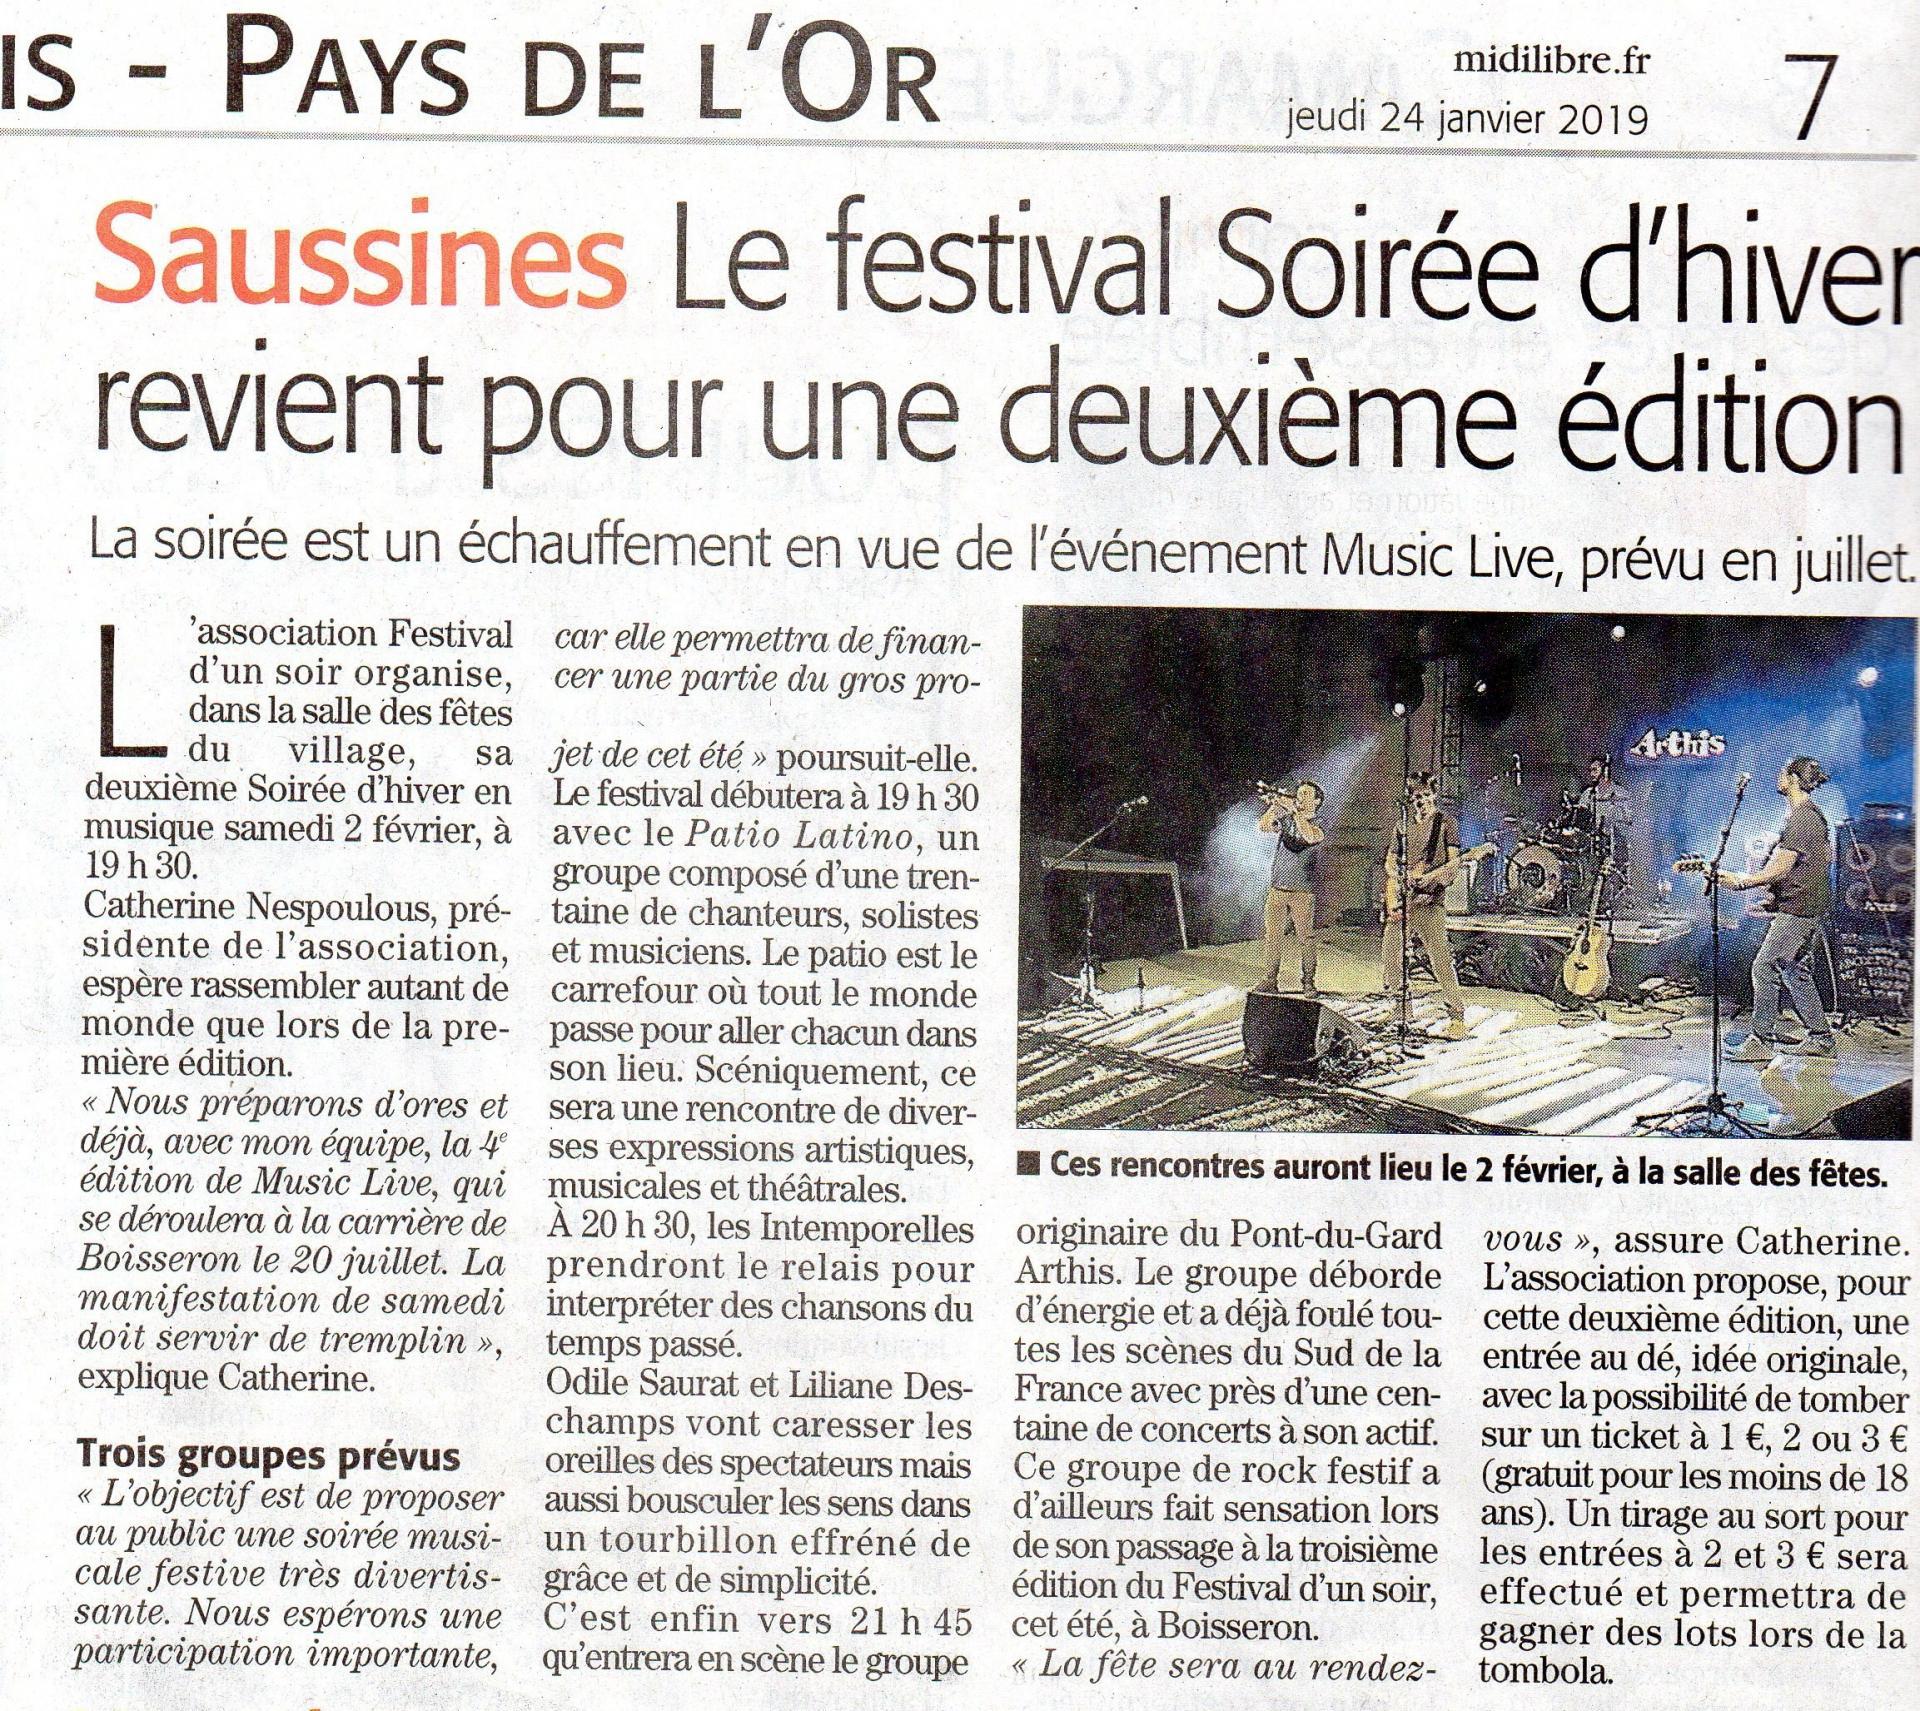 Article MIDI LIBRE Lunel